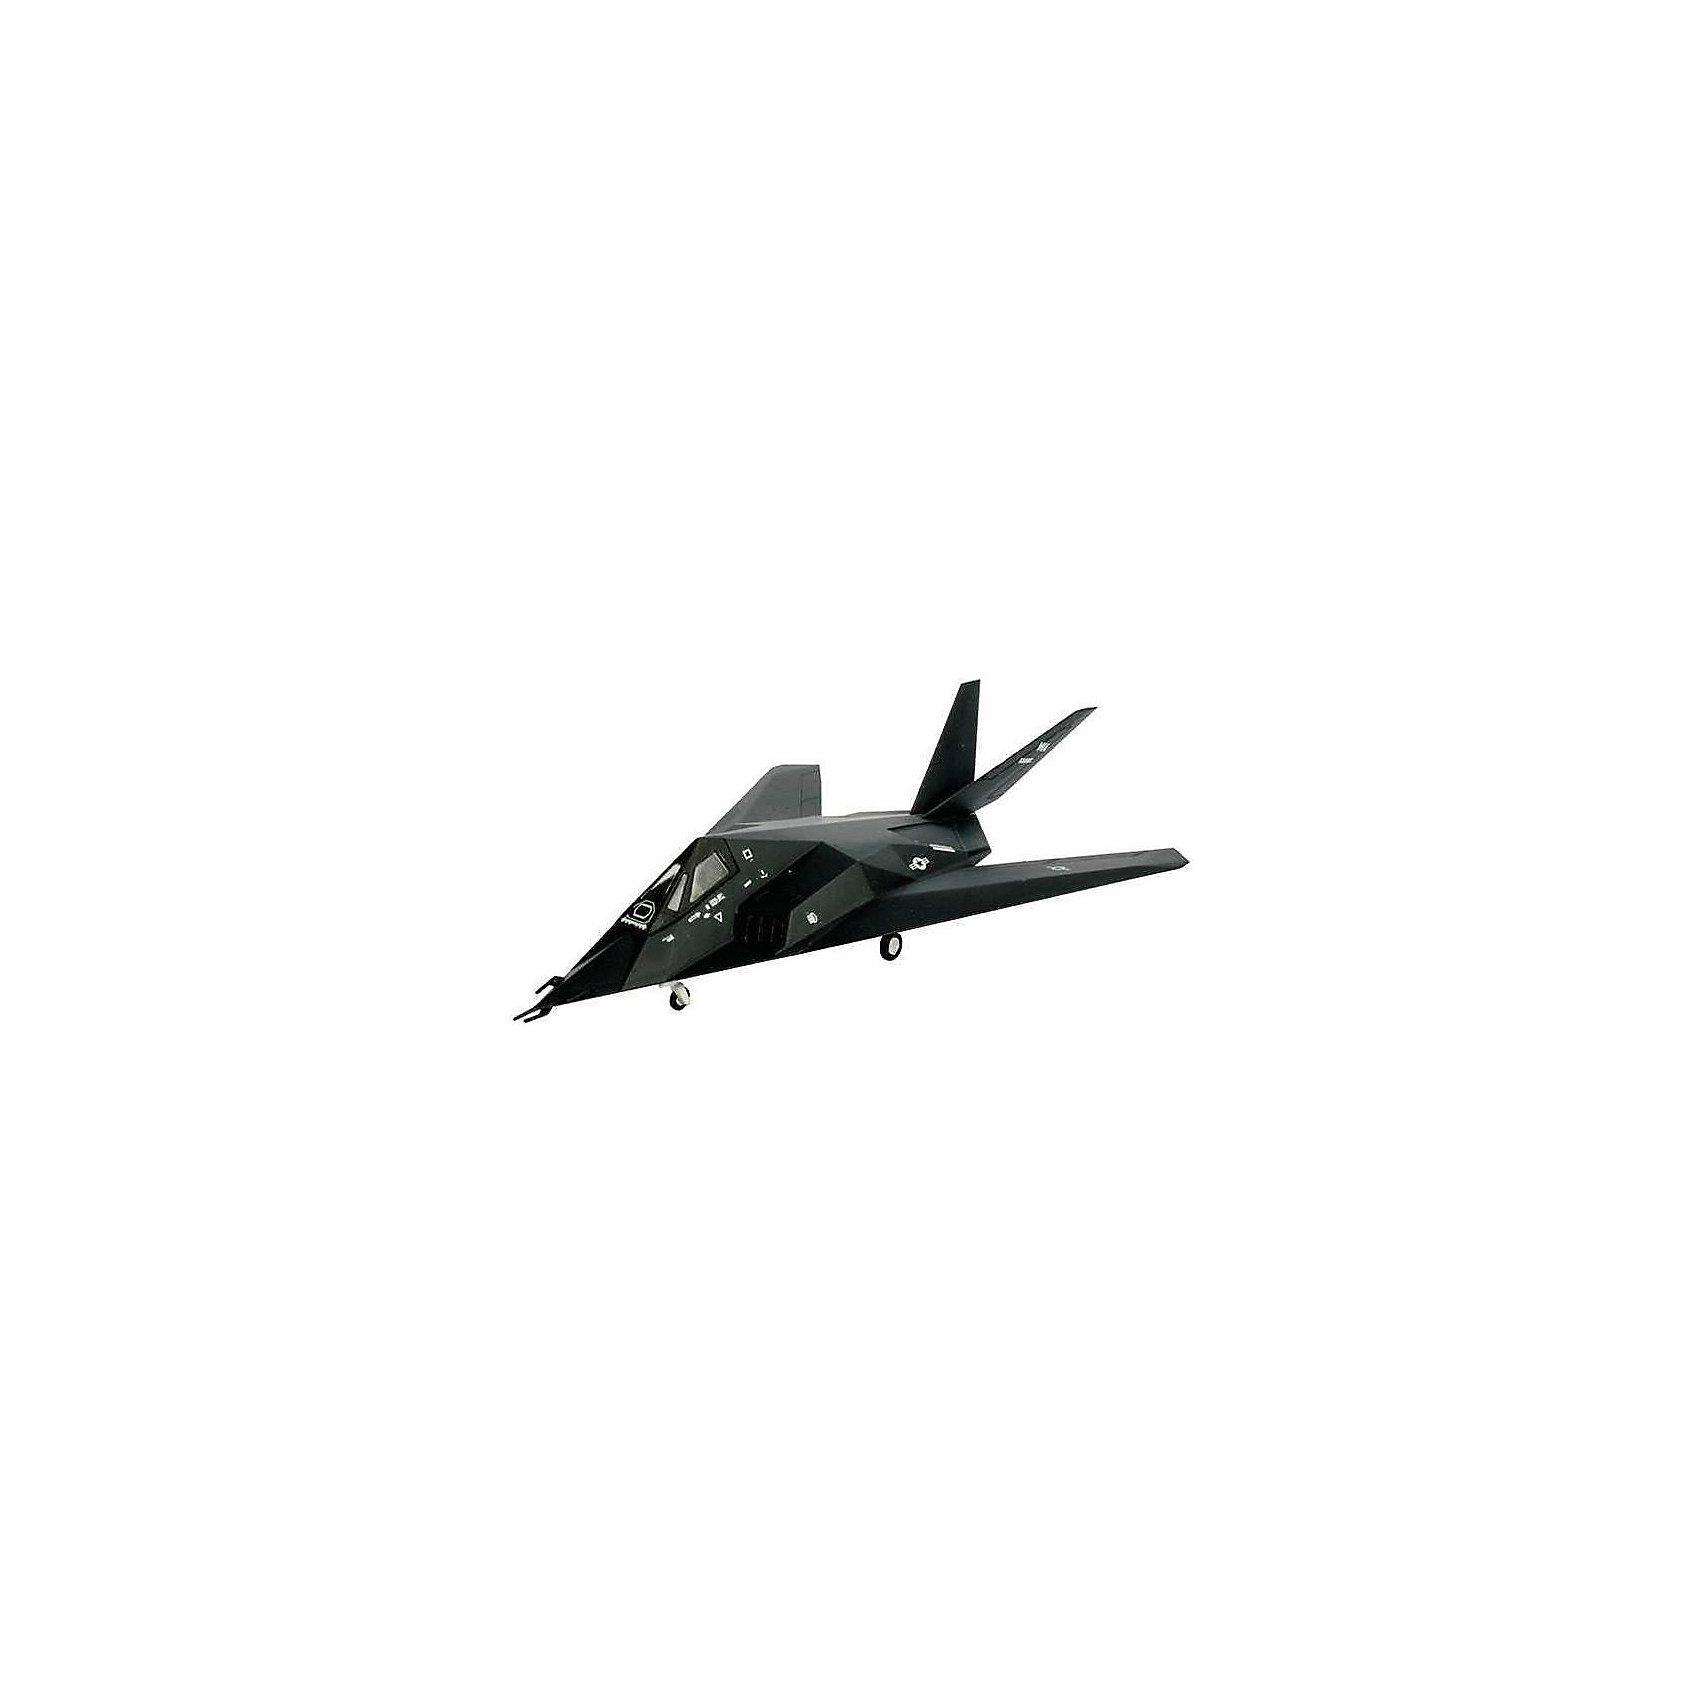 Истребитель F-117 StealthМодели для склеивания<br>Характеристики товара:<br><br>• возраст: от 10 лет;<br>• масштаб: 1:144;<br>• количество деталей: 36 шт;<br>• материал: пластик; <br>• клей и краски в комплект не входят;<br>• длина модели: 9,4 см;<br>• размах крыльев: 5,2 см;<br>• бренд, страна бренда: Revell (Ревел), Германия;<br>• страна-изготовитель: Польша.<br><br>Набор для сборки «Истребитель F-117 Stealth» поможет вам и вашему ребенку придумать увлекательное занятие на долгое время и весело провести свой досуг. Модель является точной копией истребителя-одноместного дозвукового тактического малозаметного ударного самолёта американской фирмы Lockheed Martin, предназначенного для скрытного проникновения через систему ПВО противника и атак стратегически важных наземных объектов военной инфраструктуры (ракетные базы, аэродромы, центры управления и связи и т. п.).<br><br>В набор входят 36 пластиковых деталей, которые помогут воссоздать истребитель. Детали можно собрать и без помощи клея, на защелки, согласно инструкции. Готовый истребитель украсит стол или книжную полку ребенка. Краски и клей в комплект не входят.<br><br>Процесс сборки развивает интеллектуальные и инструментальные способности, воображение и конструктивное мышление, а также прививает практические навыки работы со схемами и чертежами. <br><br>Набор для сборки «Истребитель F-117 Stealth», 36 дет., Revell (Ревел) можно купить в нашем интернет-магазине.<br><br>Ширина мм: 9999<br>Глубина мм: 9999<br>Высота мм: 9999<br>Вес г: 9999<br>Возраст от месяцев: -2147483648<br>Возраст до месяцев: 2147483647<br>Пол: Унисекс<br>Возраст: Детский<br>SKU: 1772801